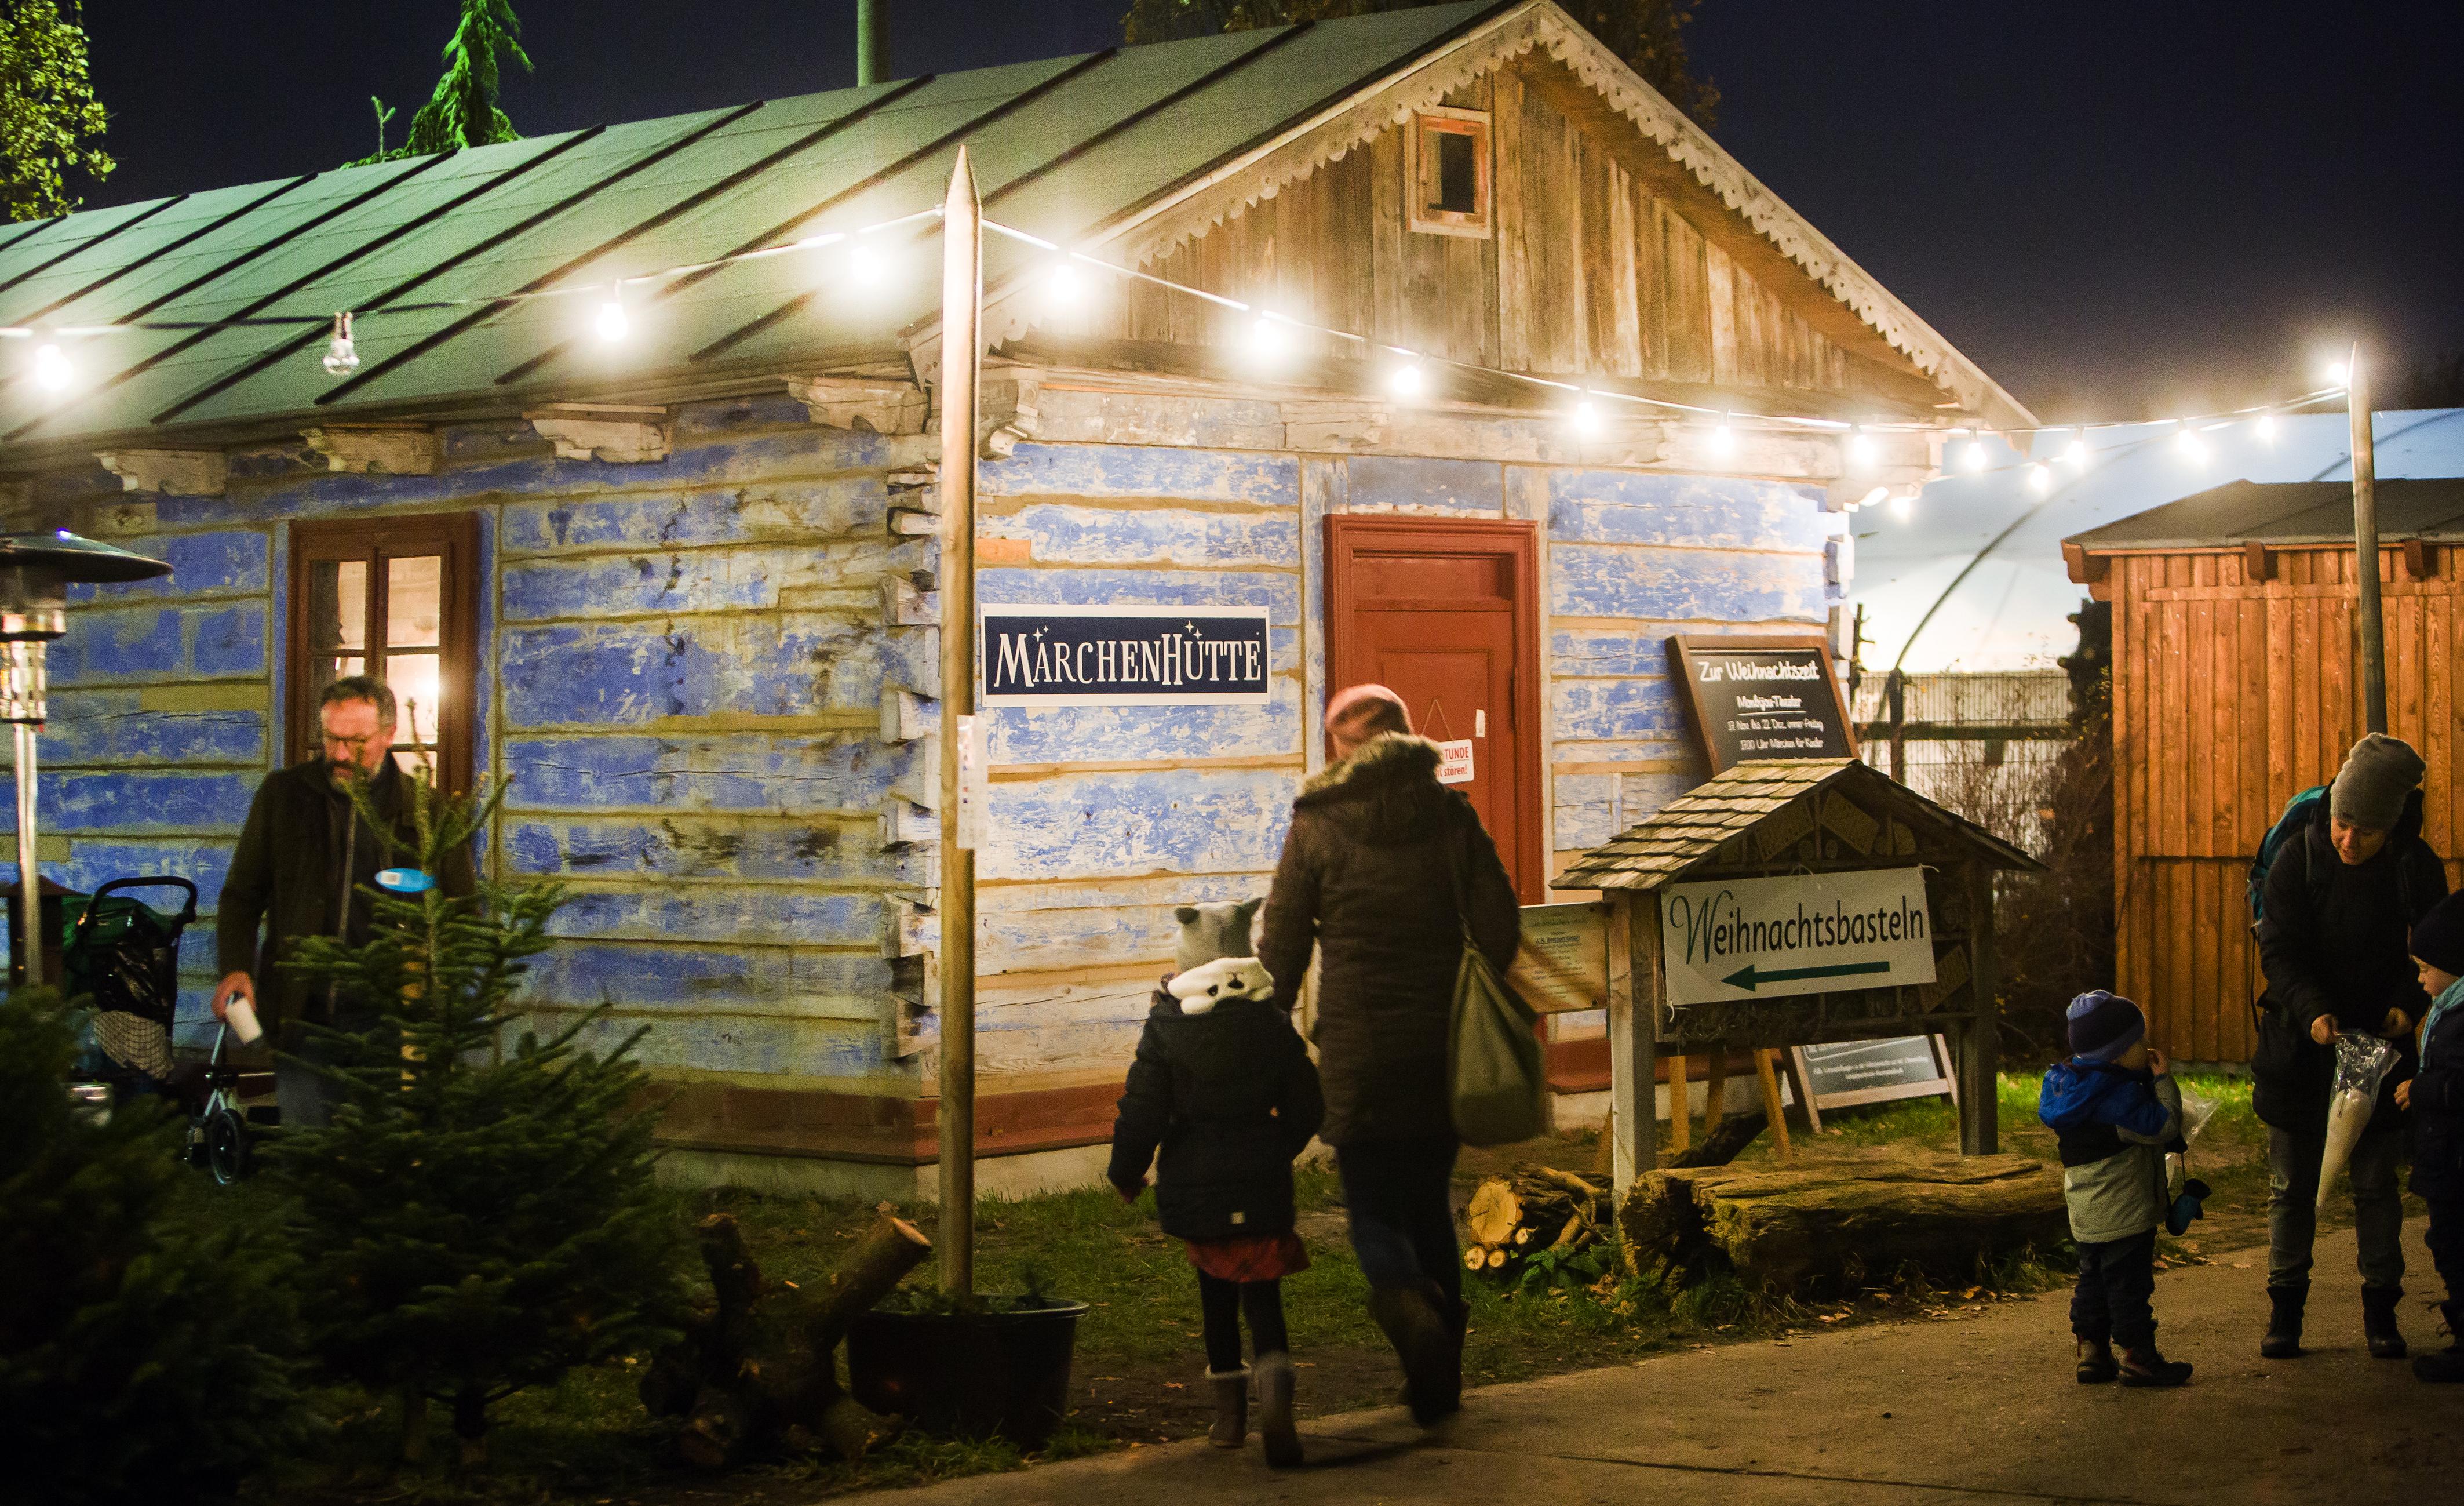 Blaue Märchenhütte in den Baumschulen Späth